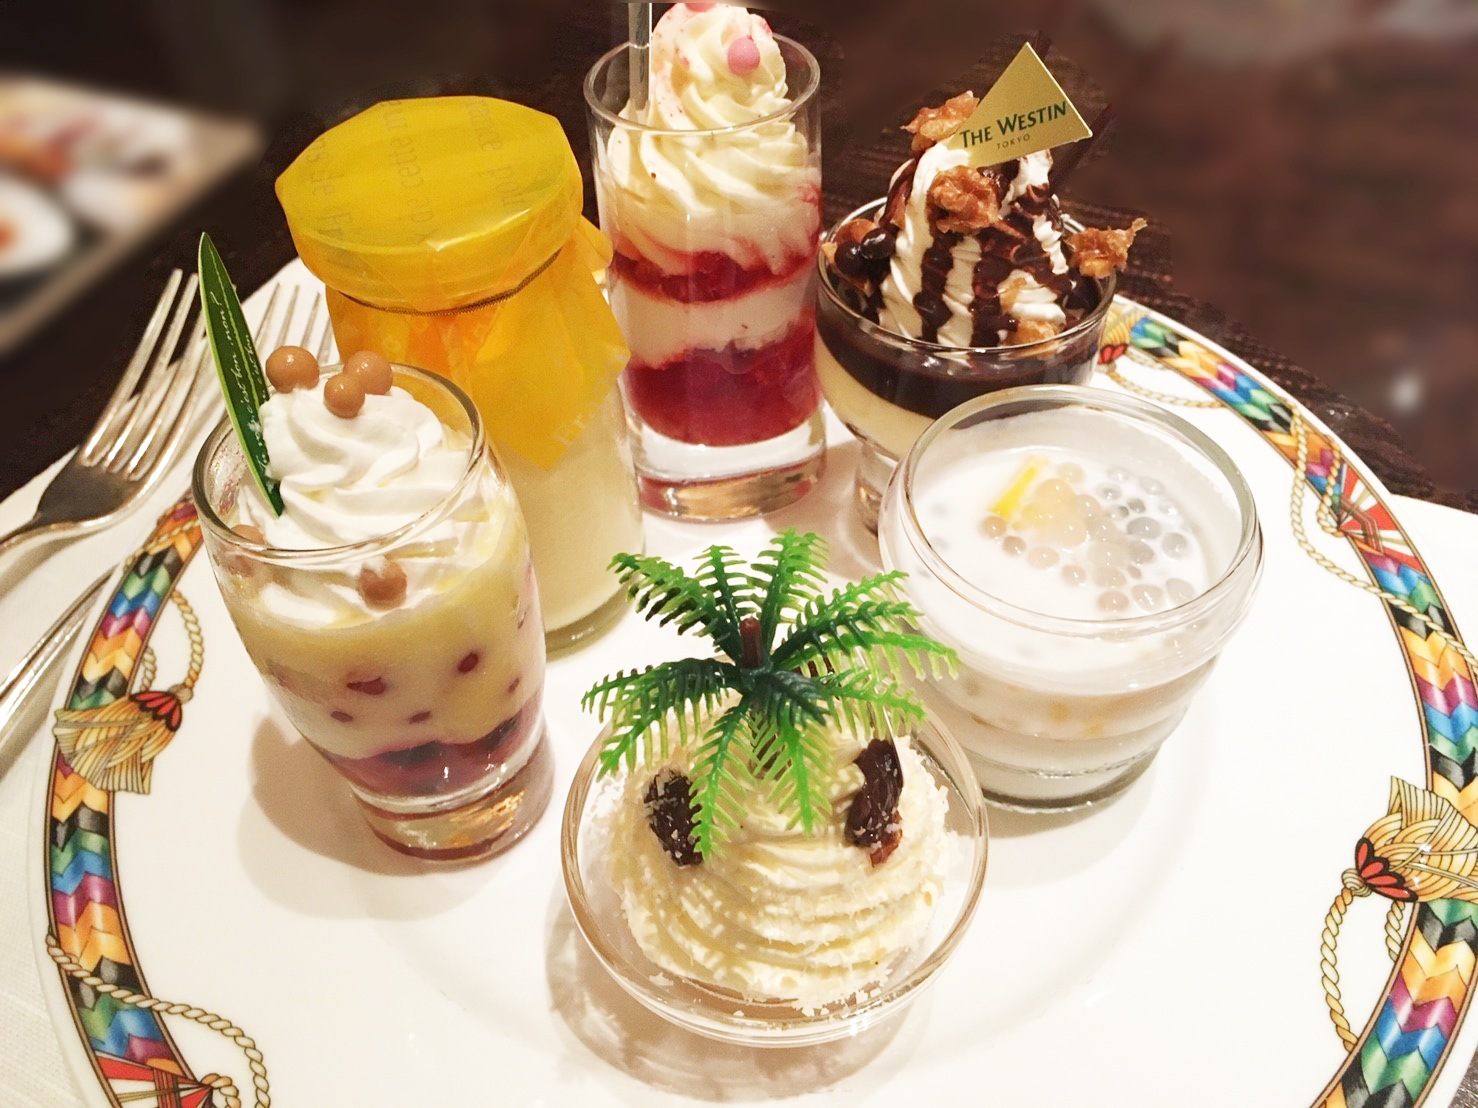 【レポ】ウェスティンホテル東京のスイーツビュッフェ2018「サマーデザートブッフェ&世界のケーキ」訪問レポート